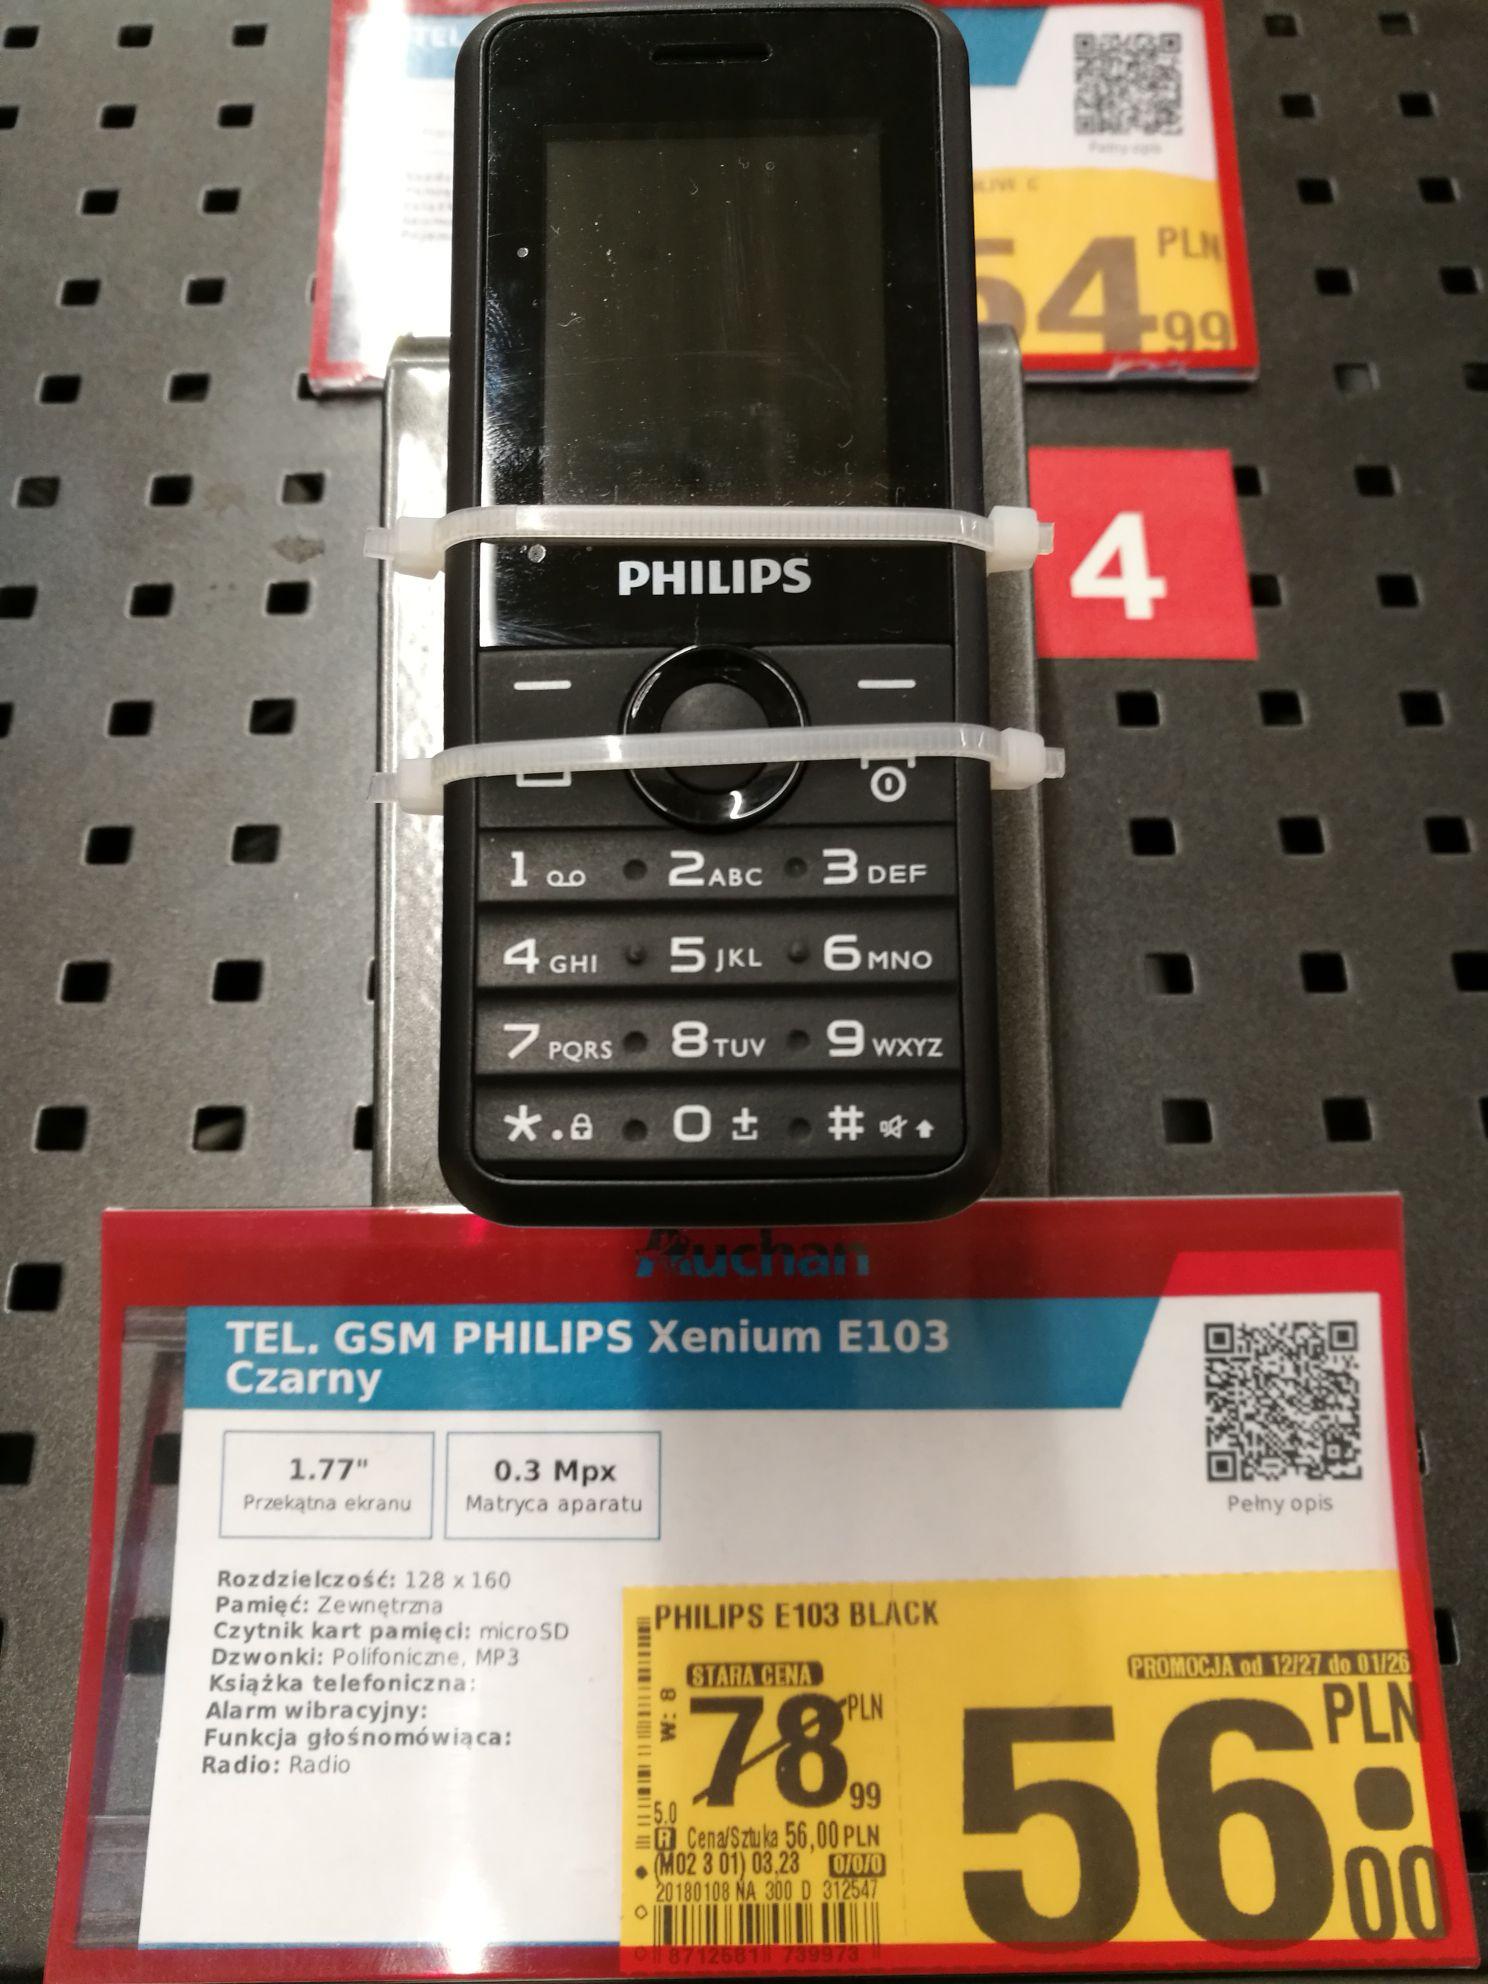 Philips e103 auchan gdynia - tani  prosty telefon